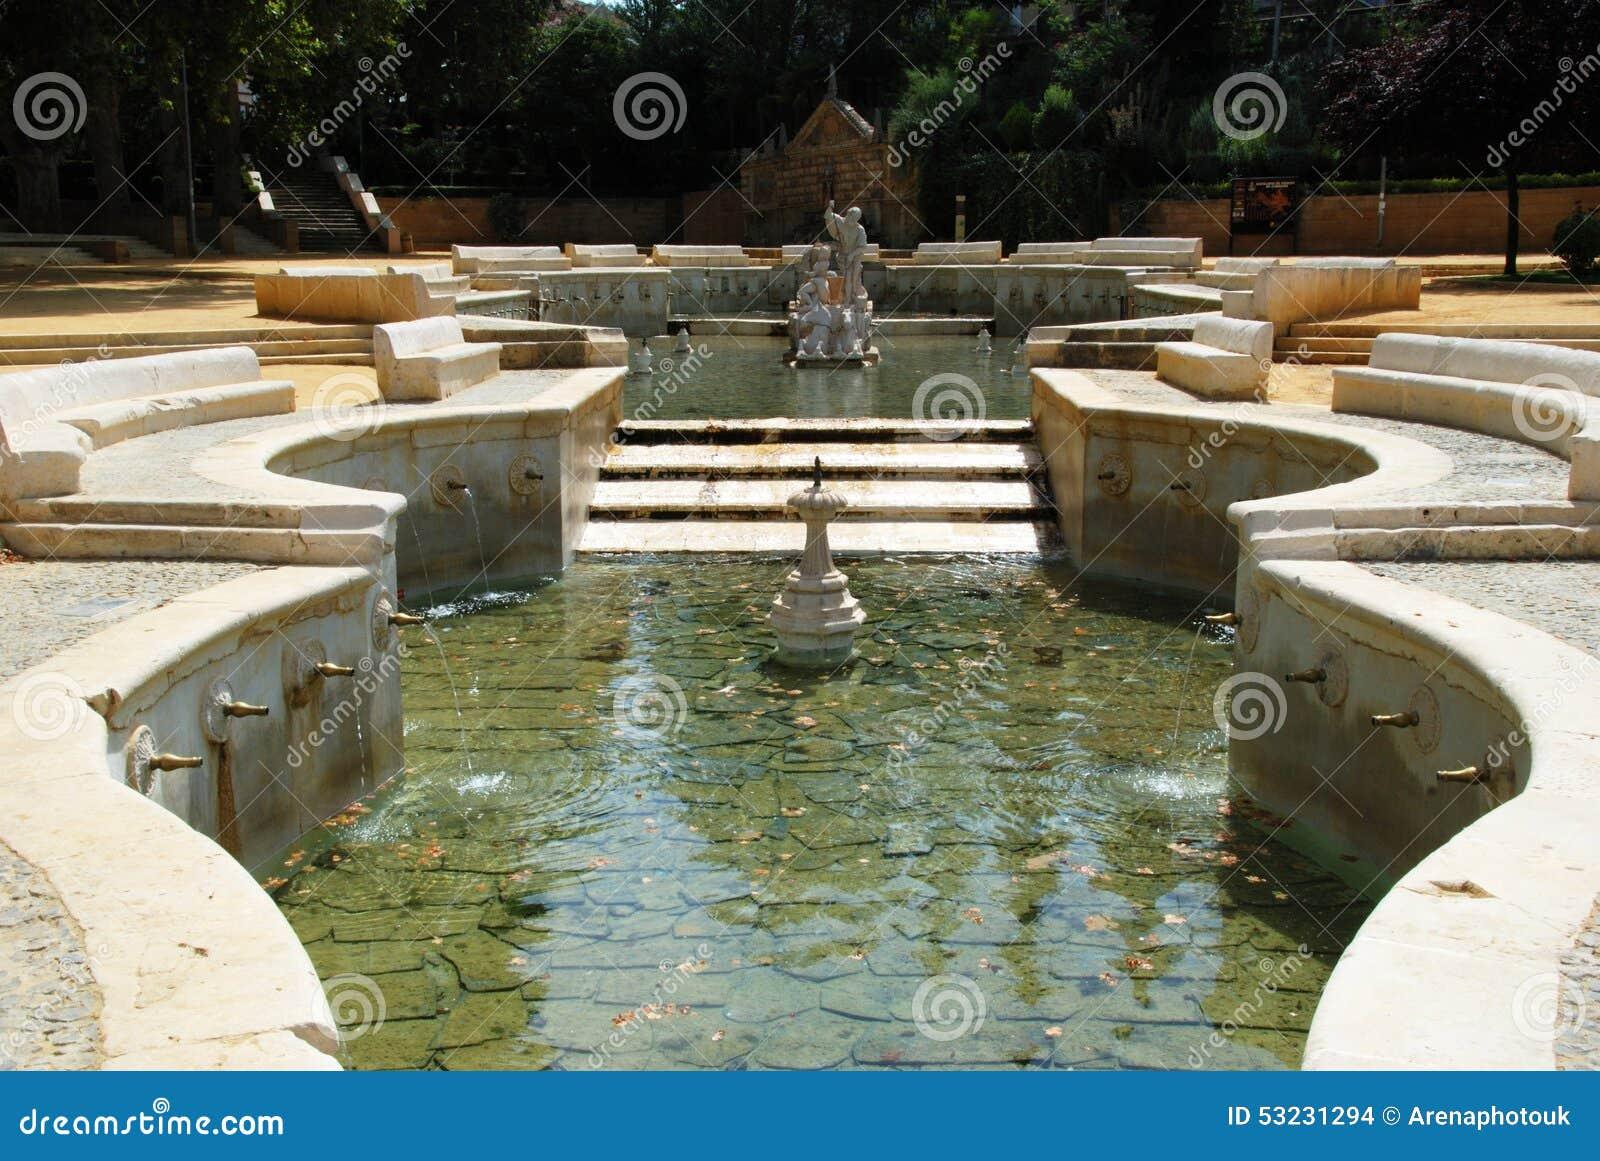 Kings Fountain Priego De Cordoba Stock Photo Image Of King